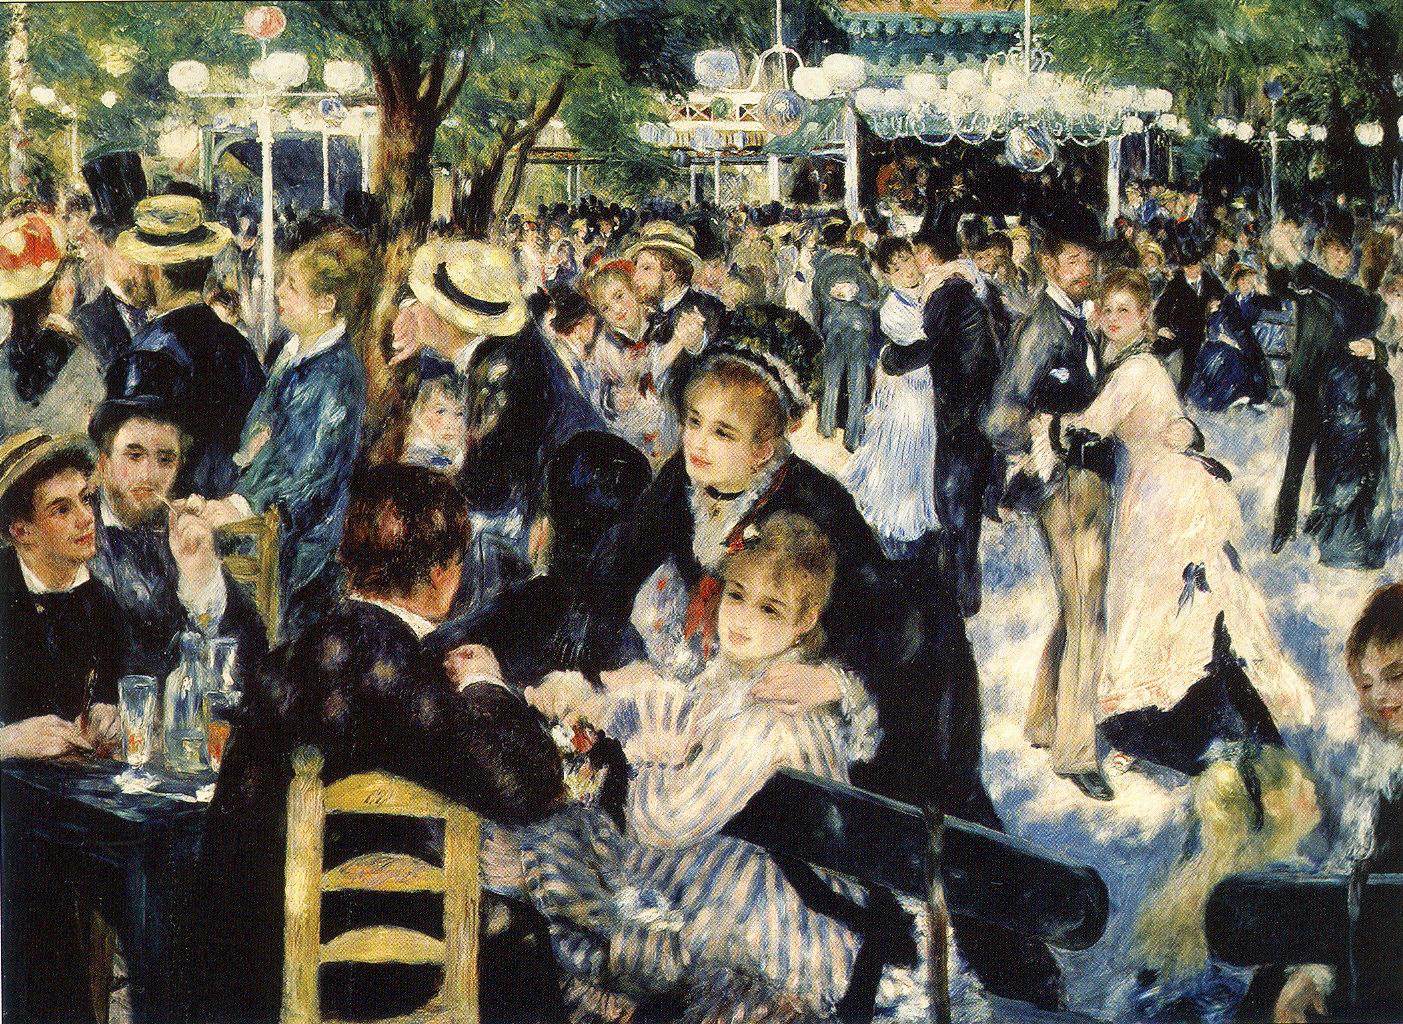 external image 22_Renoir_Dance_at_the_Moulin_de_la_Galette.jpg